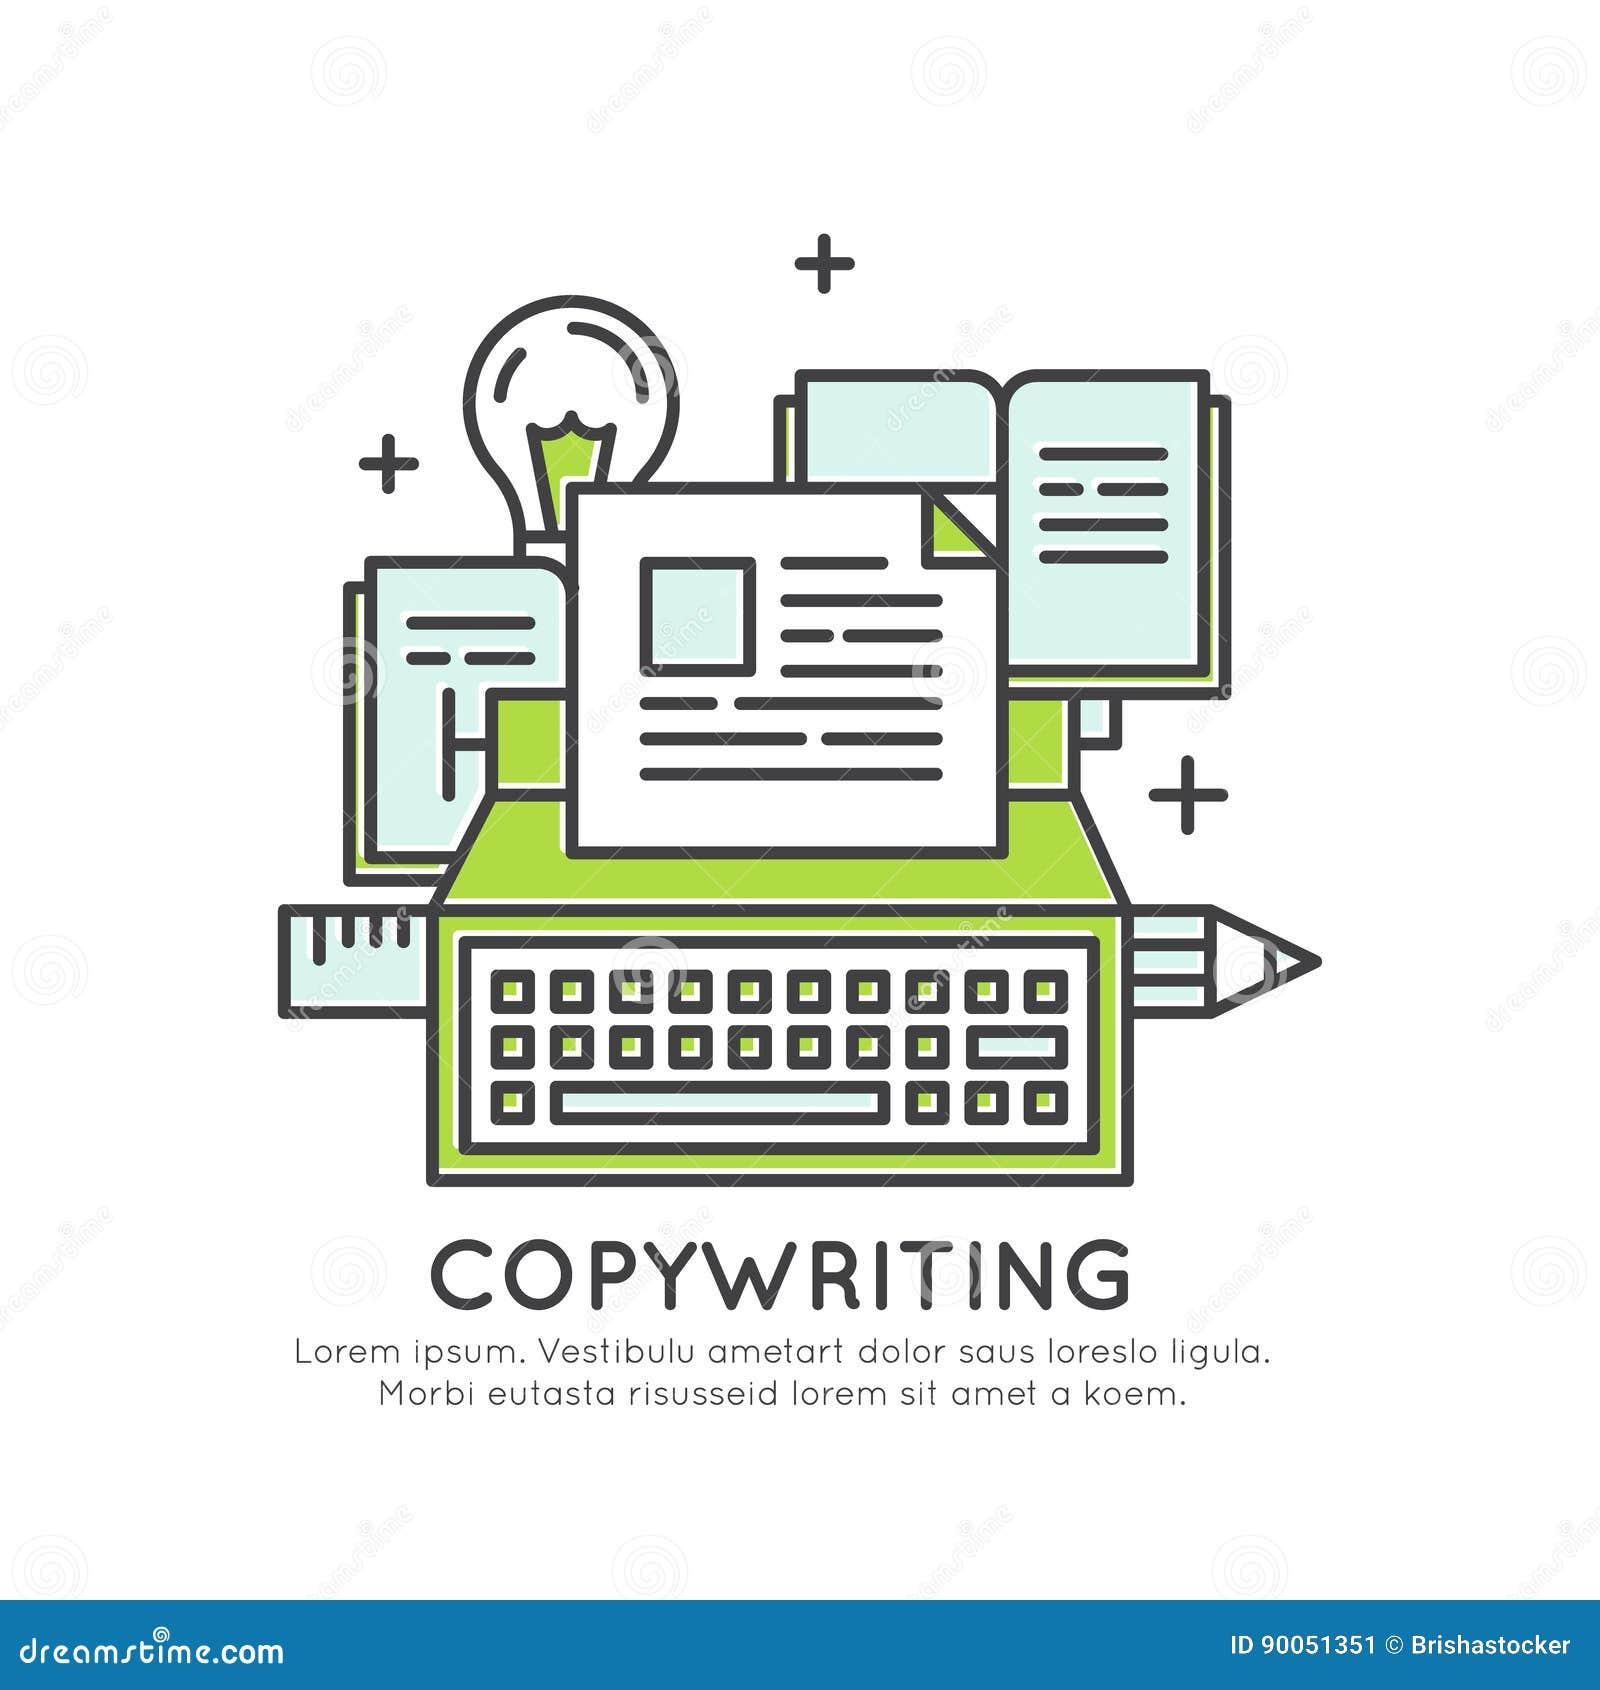 Myśli Outside Pudełkowaty pojęcie, wyobraźnia, Mądrze rozwiązanie, twórczość i Brainstorm, Copywriting zawartości tworzenie